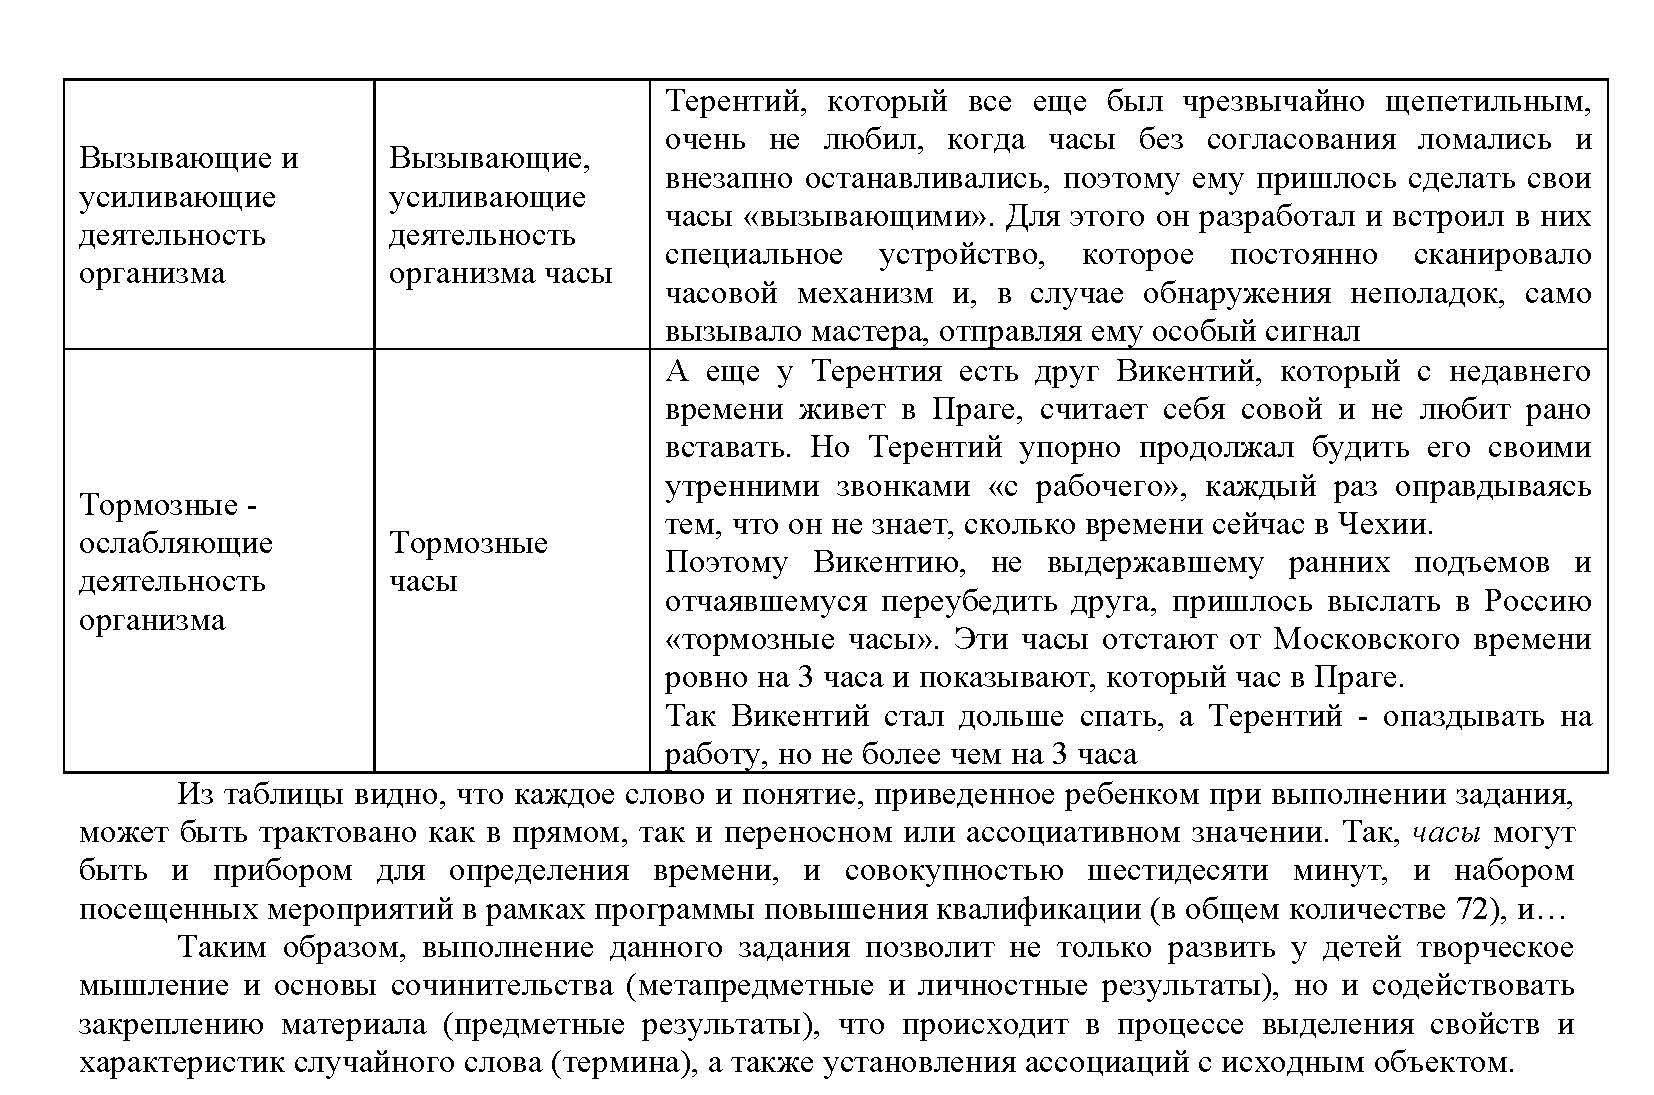 МФО и др._Страница_07